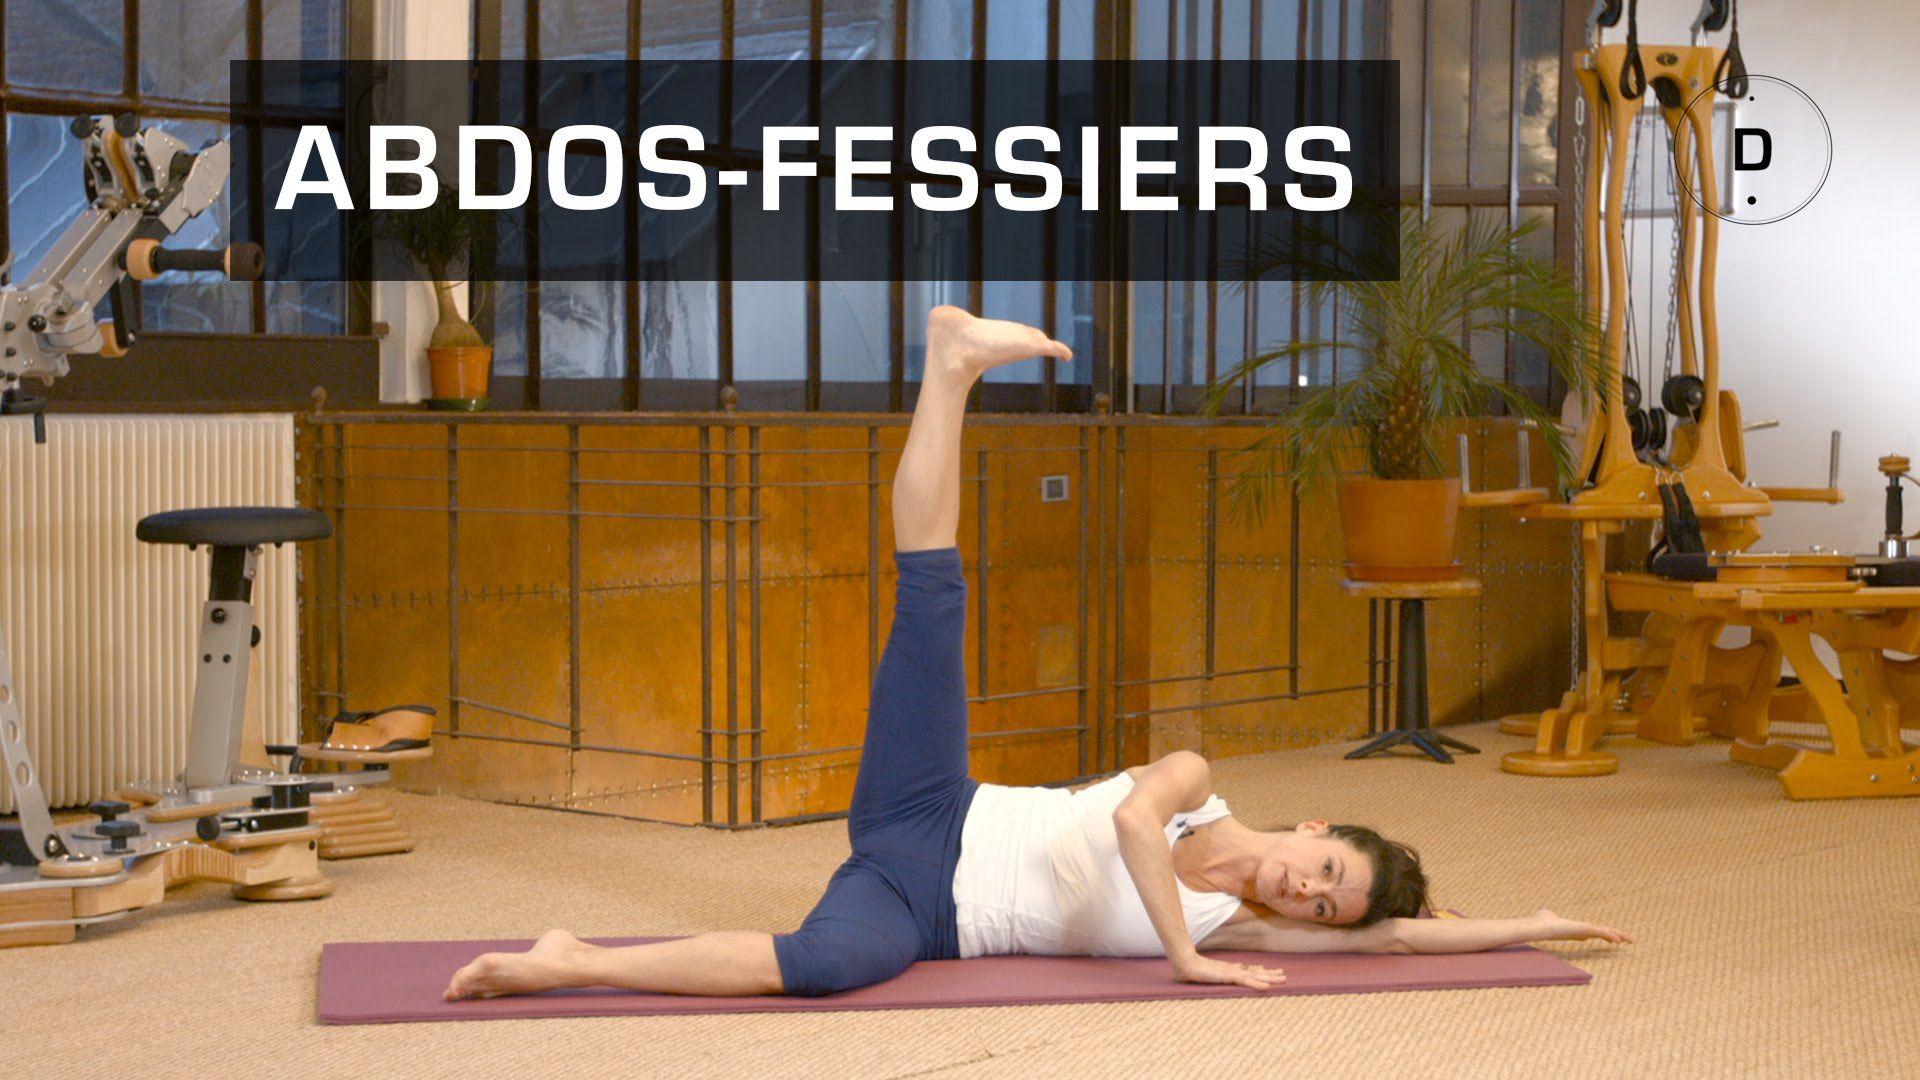 Pilates Master Class - Pilates Abdos/Fessiers | Abdos